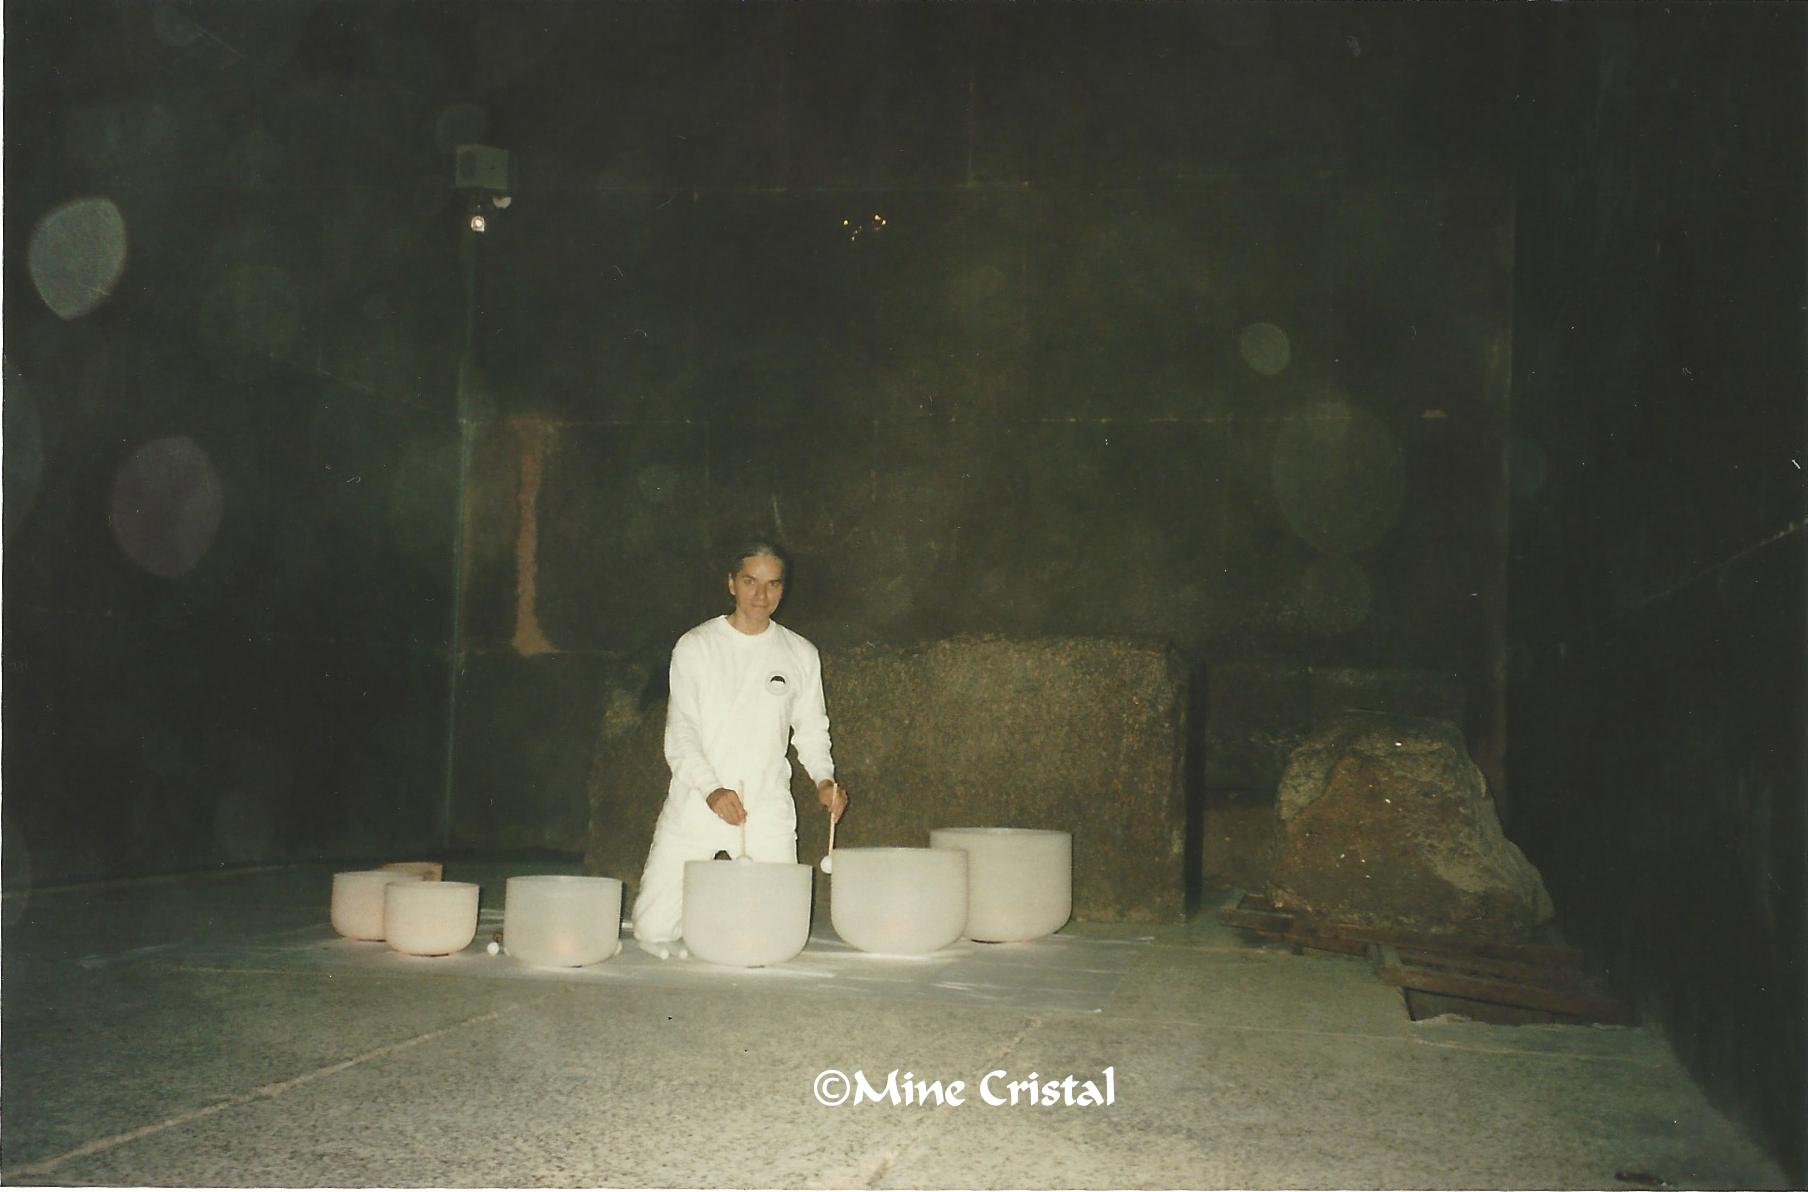 En 1995, les Normand se sont rendus à la pyramide de Gizeh en Égypte avec un ensemble complet de vaisseaux de cristal. Ils y ont enregistré le premier album au monde mettant en valeur le potentiel musical et méditatif de ce nouvel instrument.